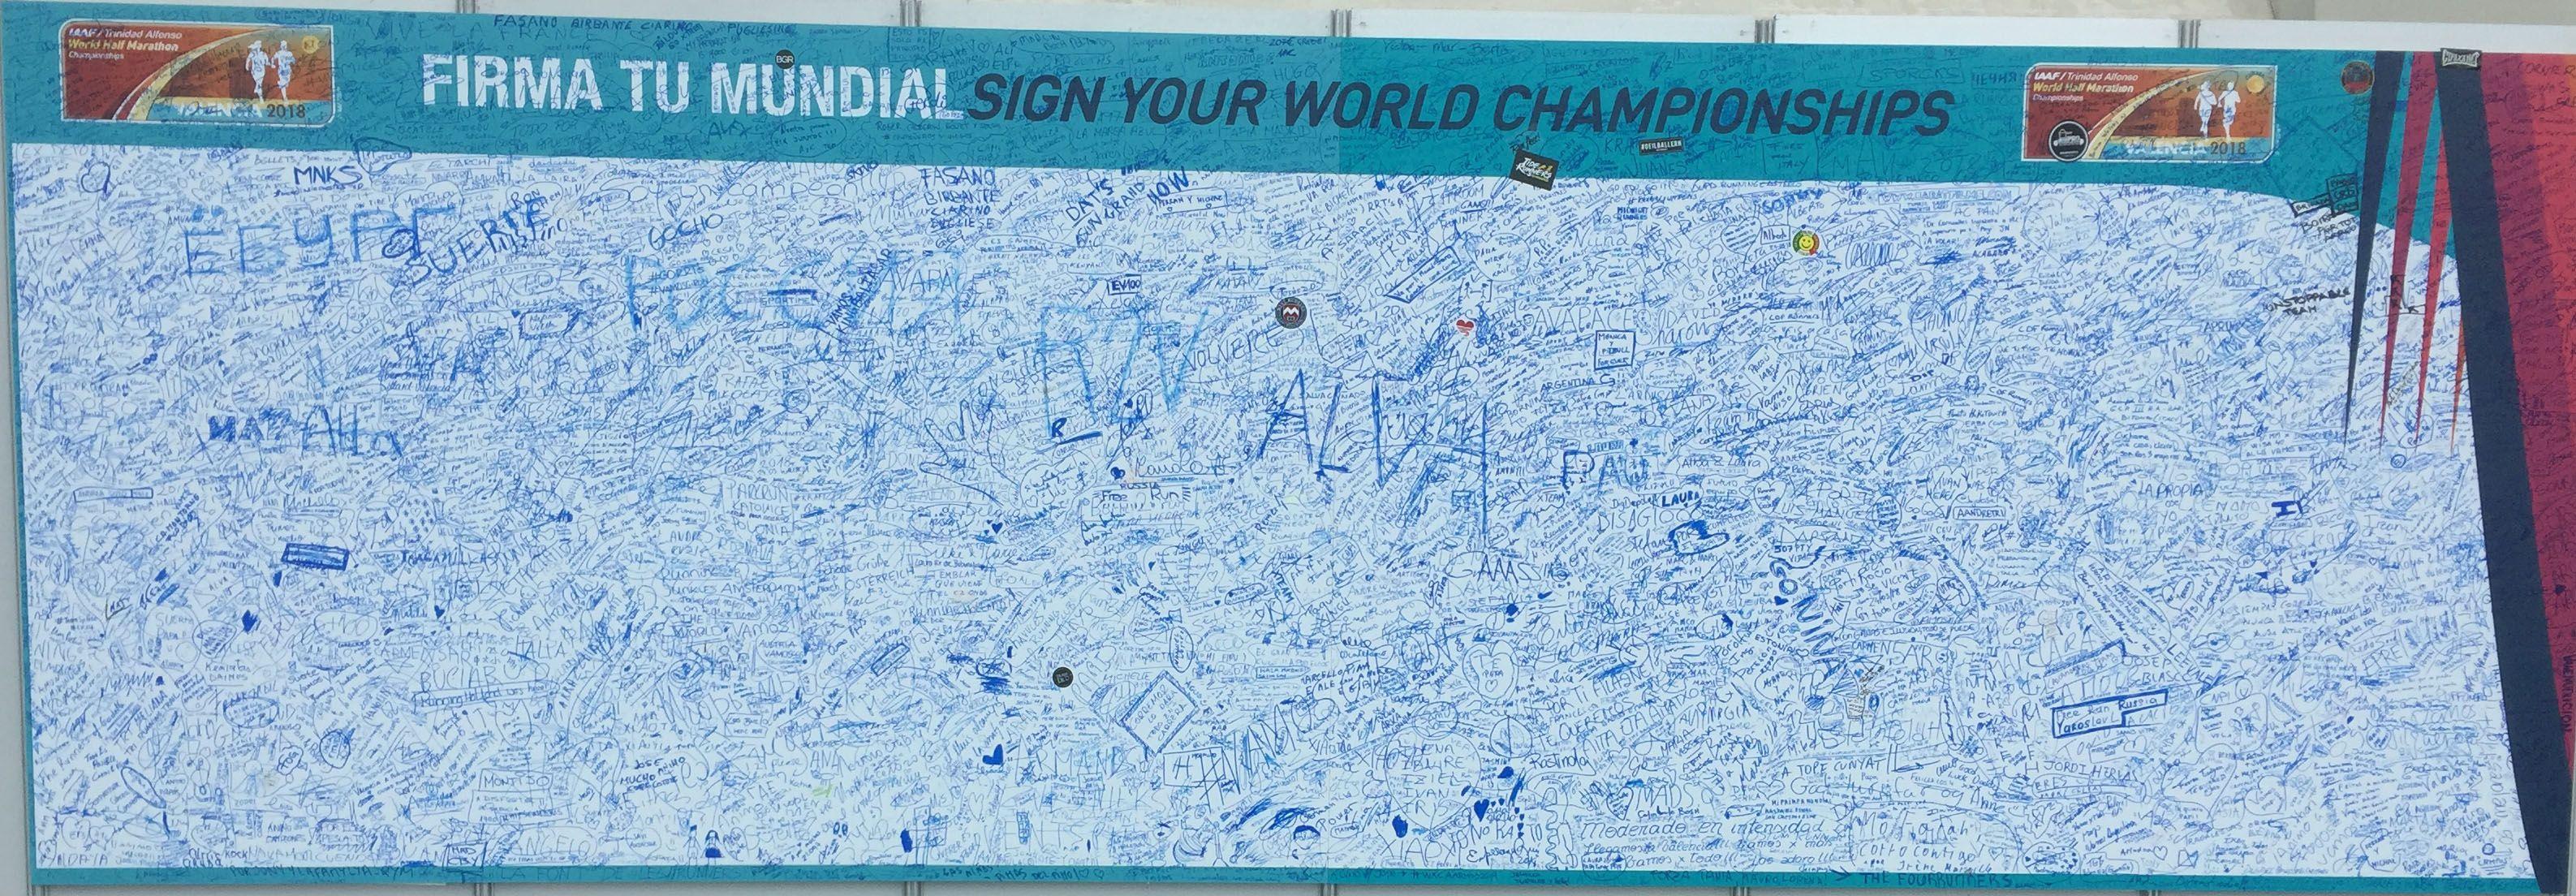 Enhorabuena a los más de 14.000 participantes del IAAF Mundial de Valencia